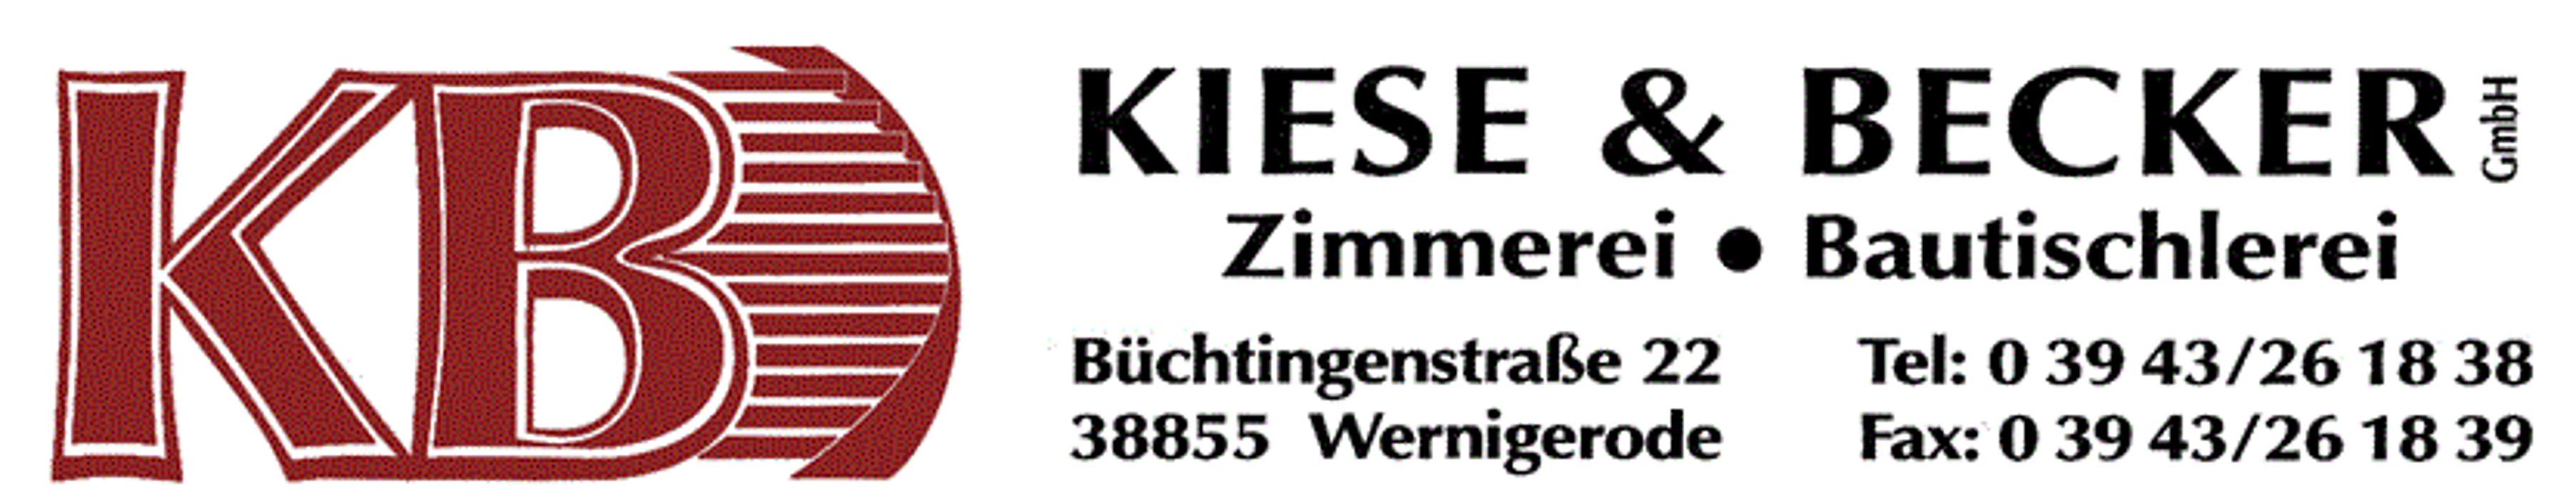 KIese & Becker Zimmerei